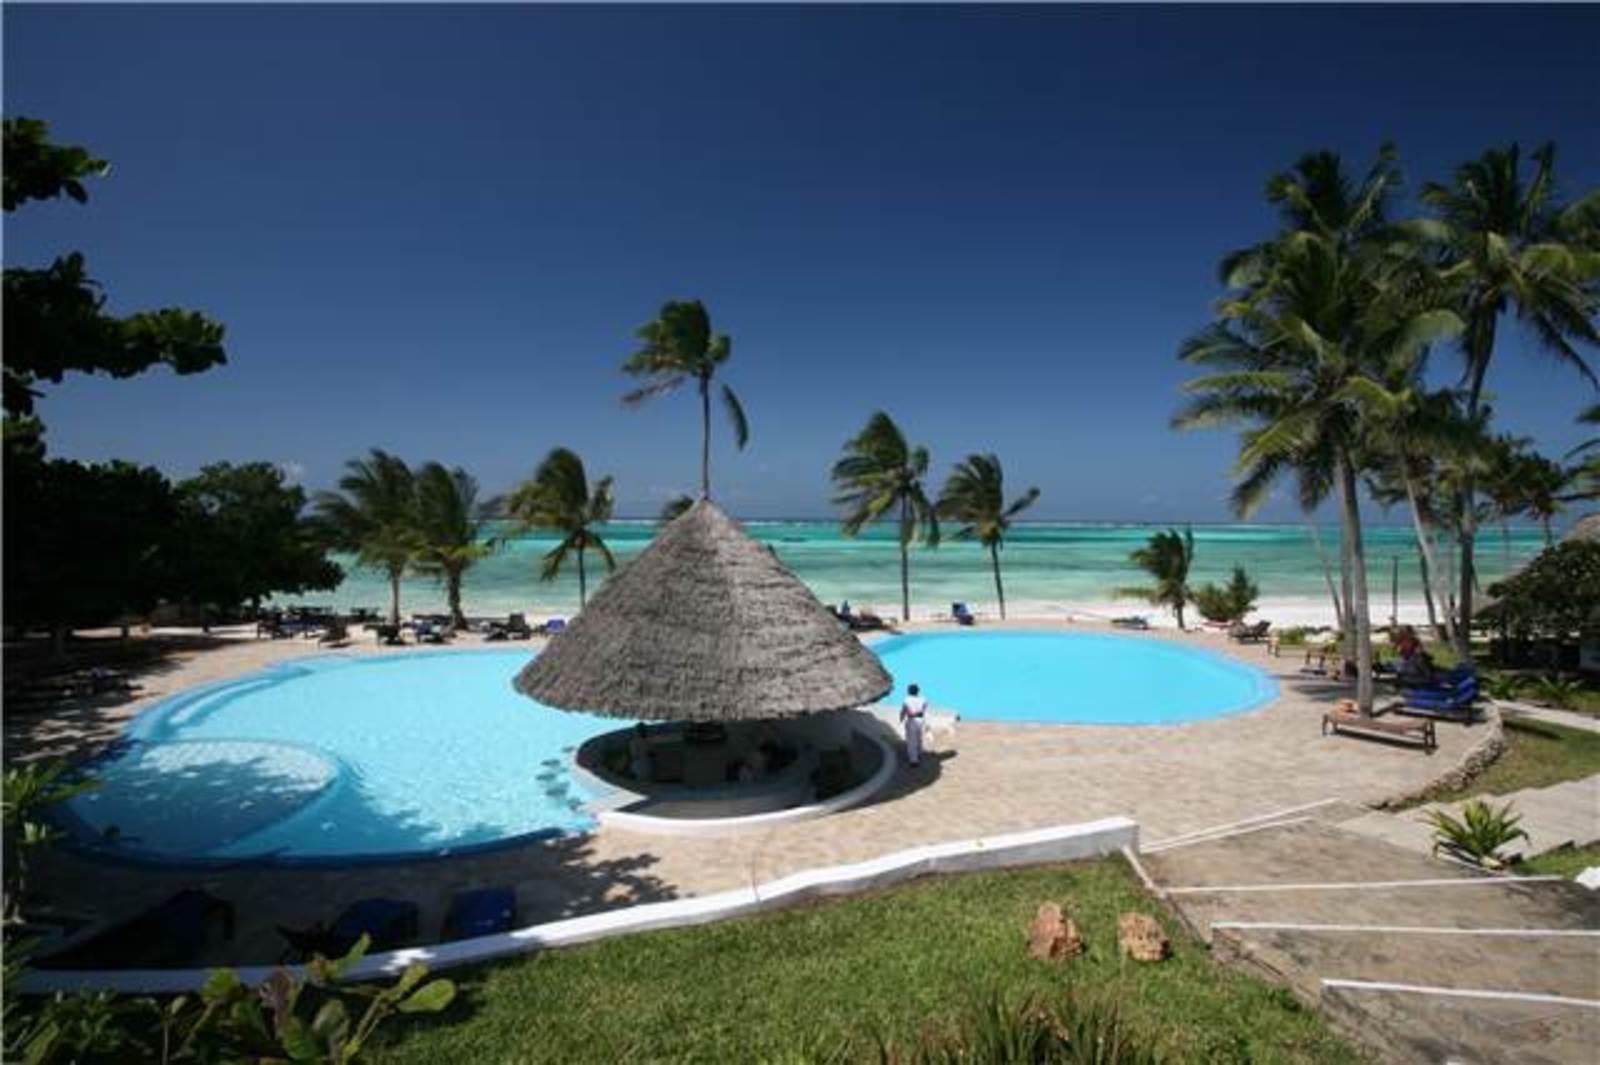 Hotel alberghi e resort in tanzania zanzibar for Hotels zanzibar